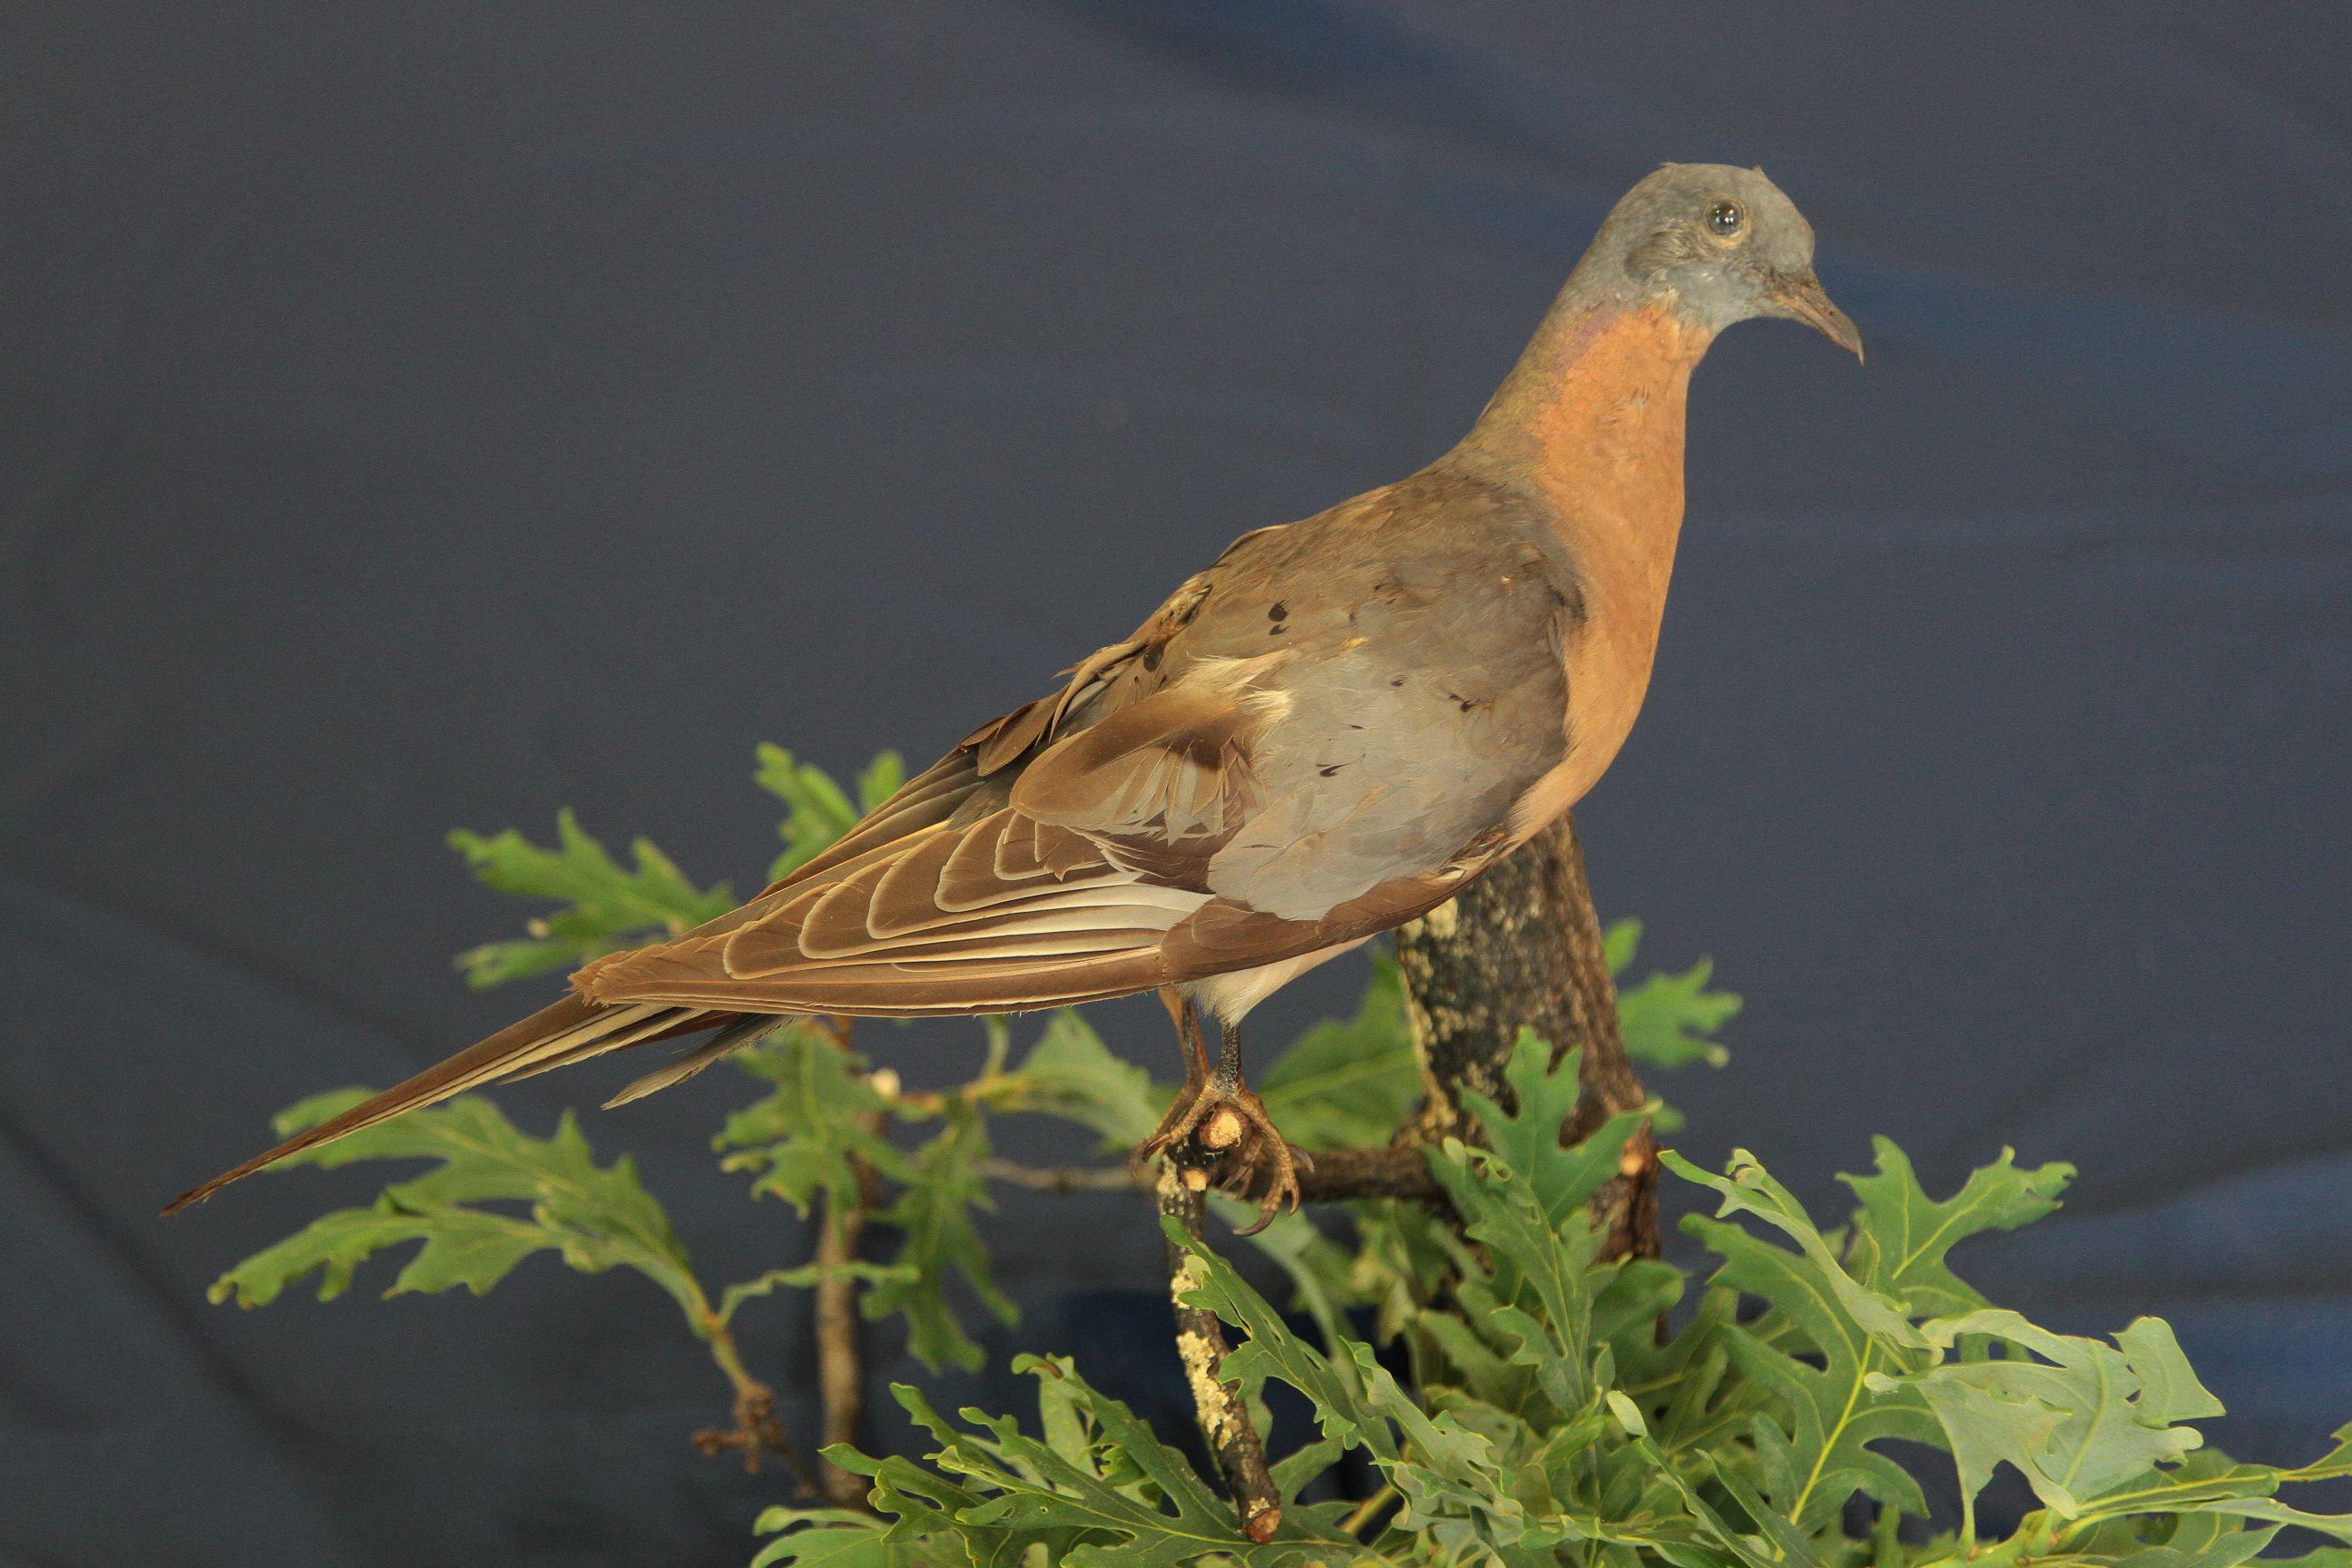 View of an Extinct Species | Tri States Public Radio: tspr.org/post/view-extinct-species